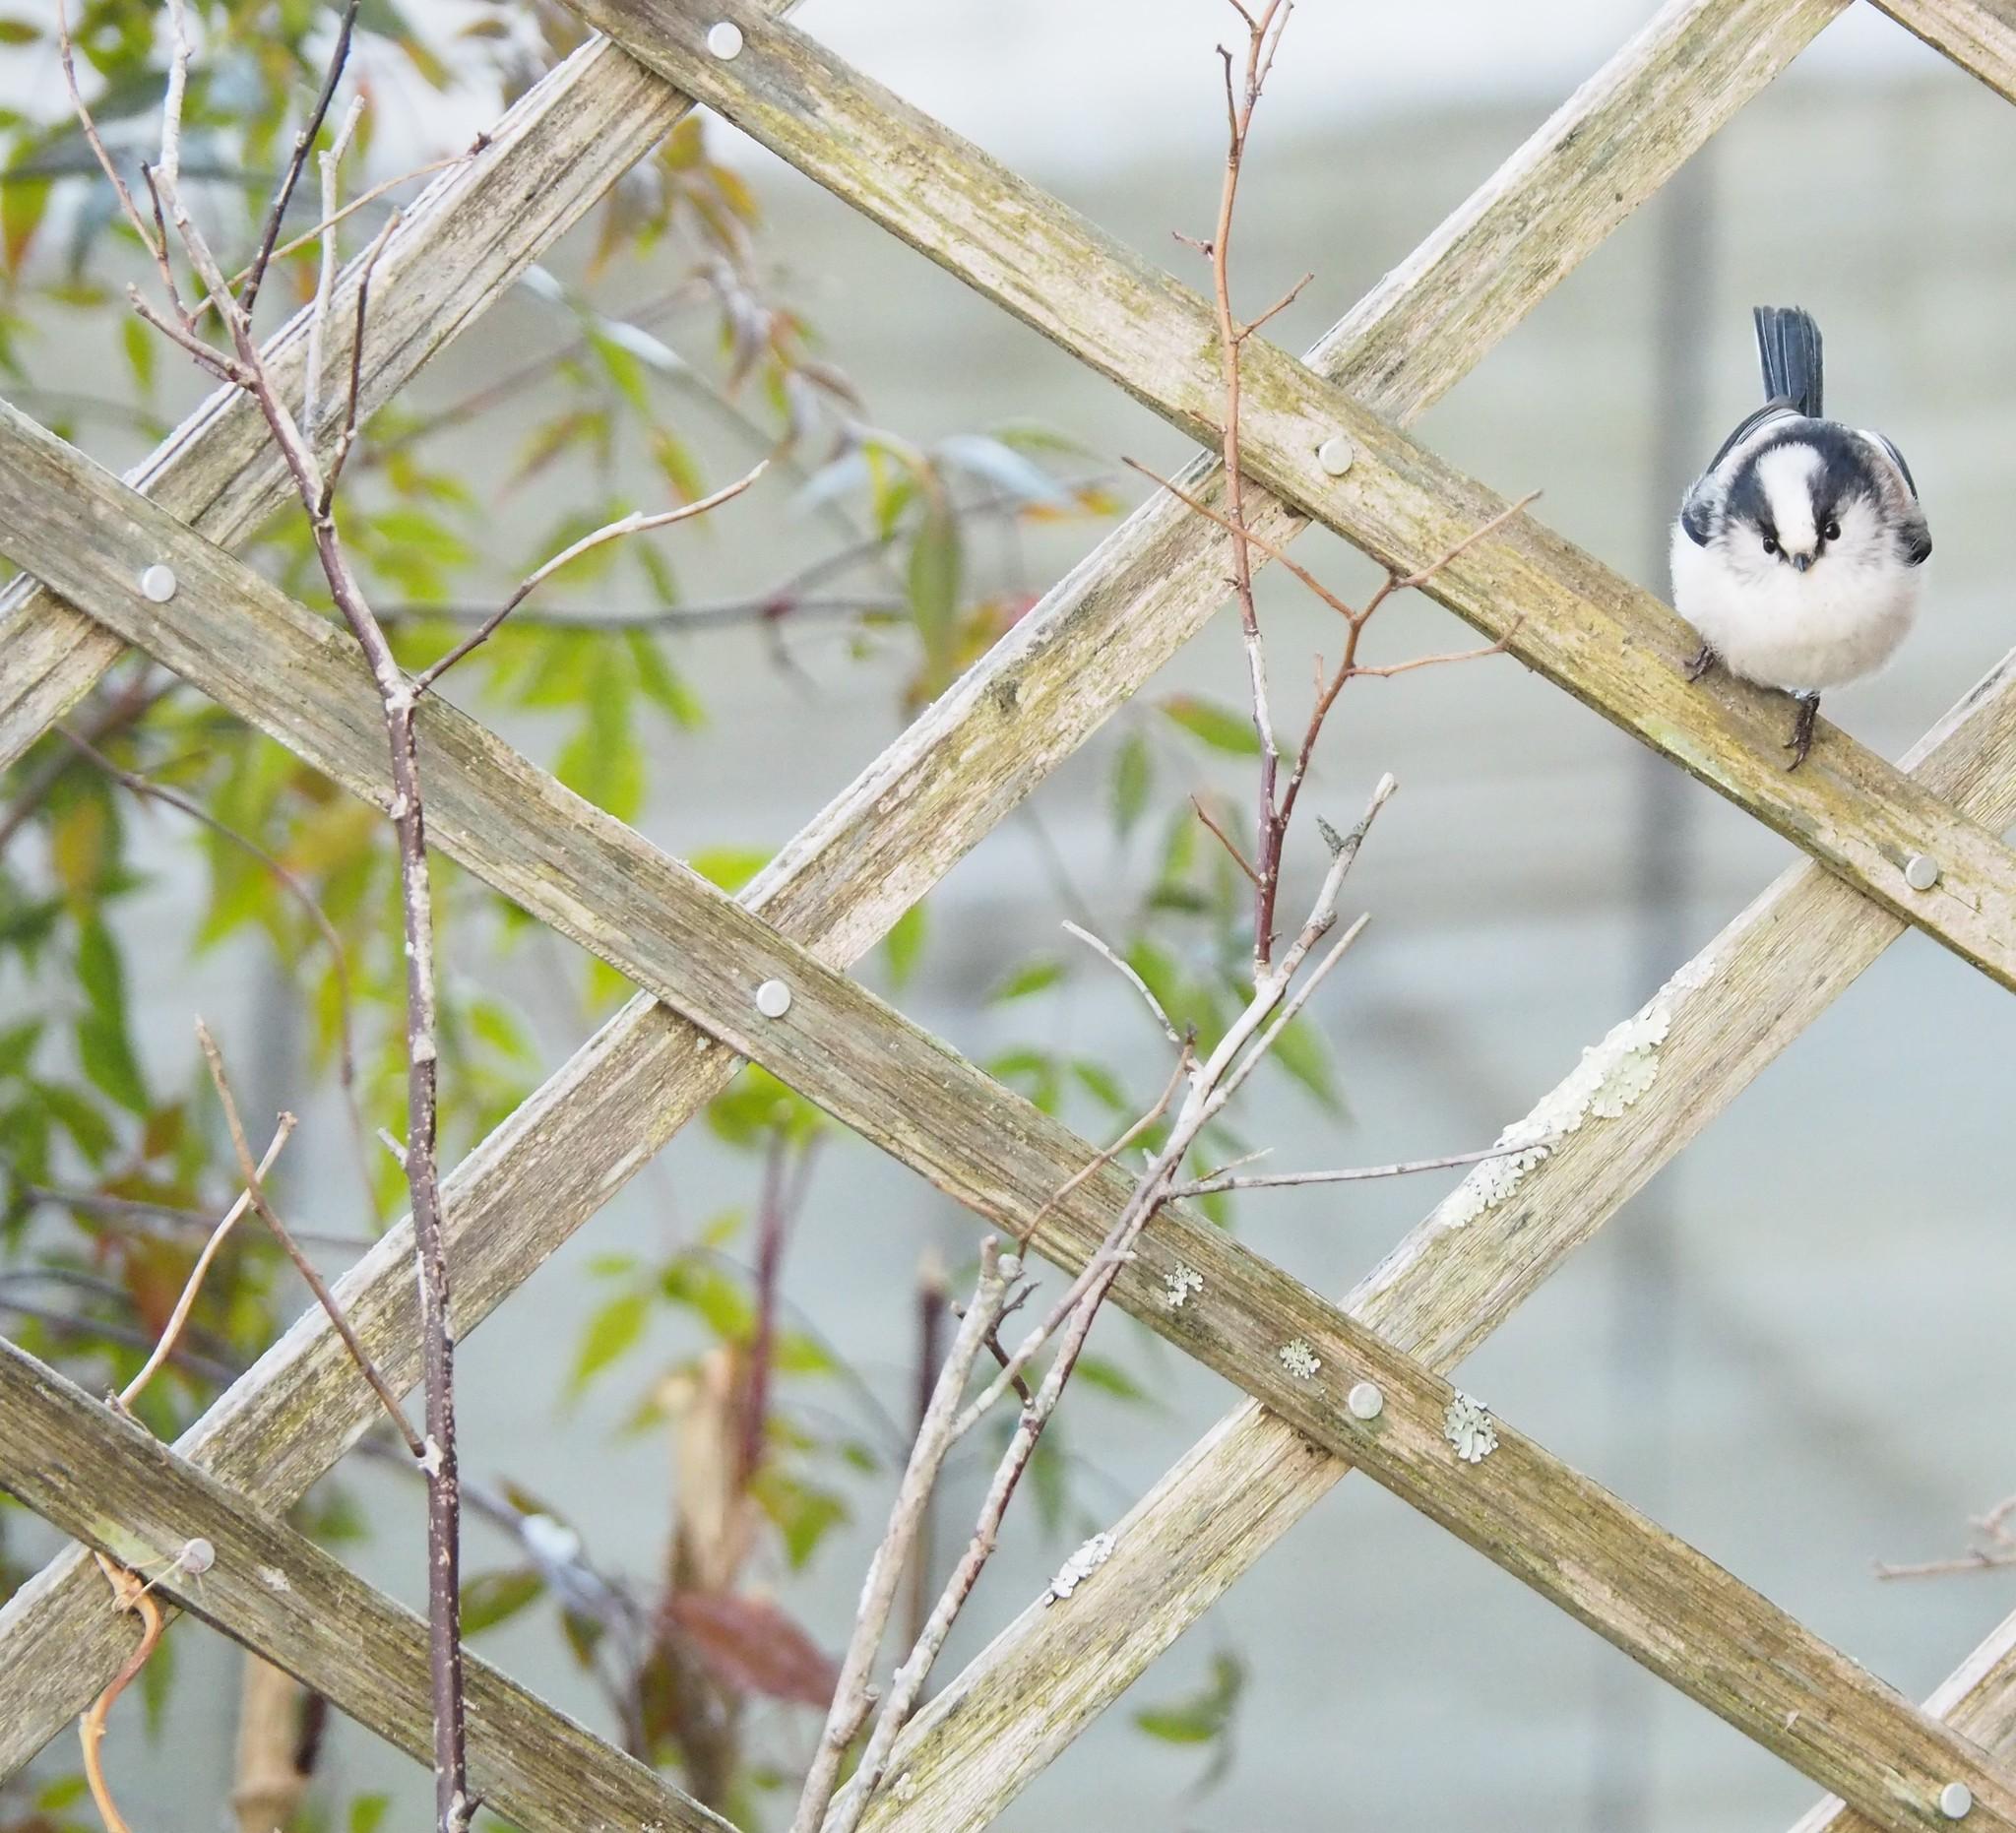 もふもふの鳥が来ます